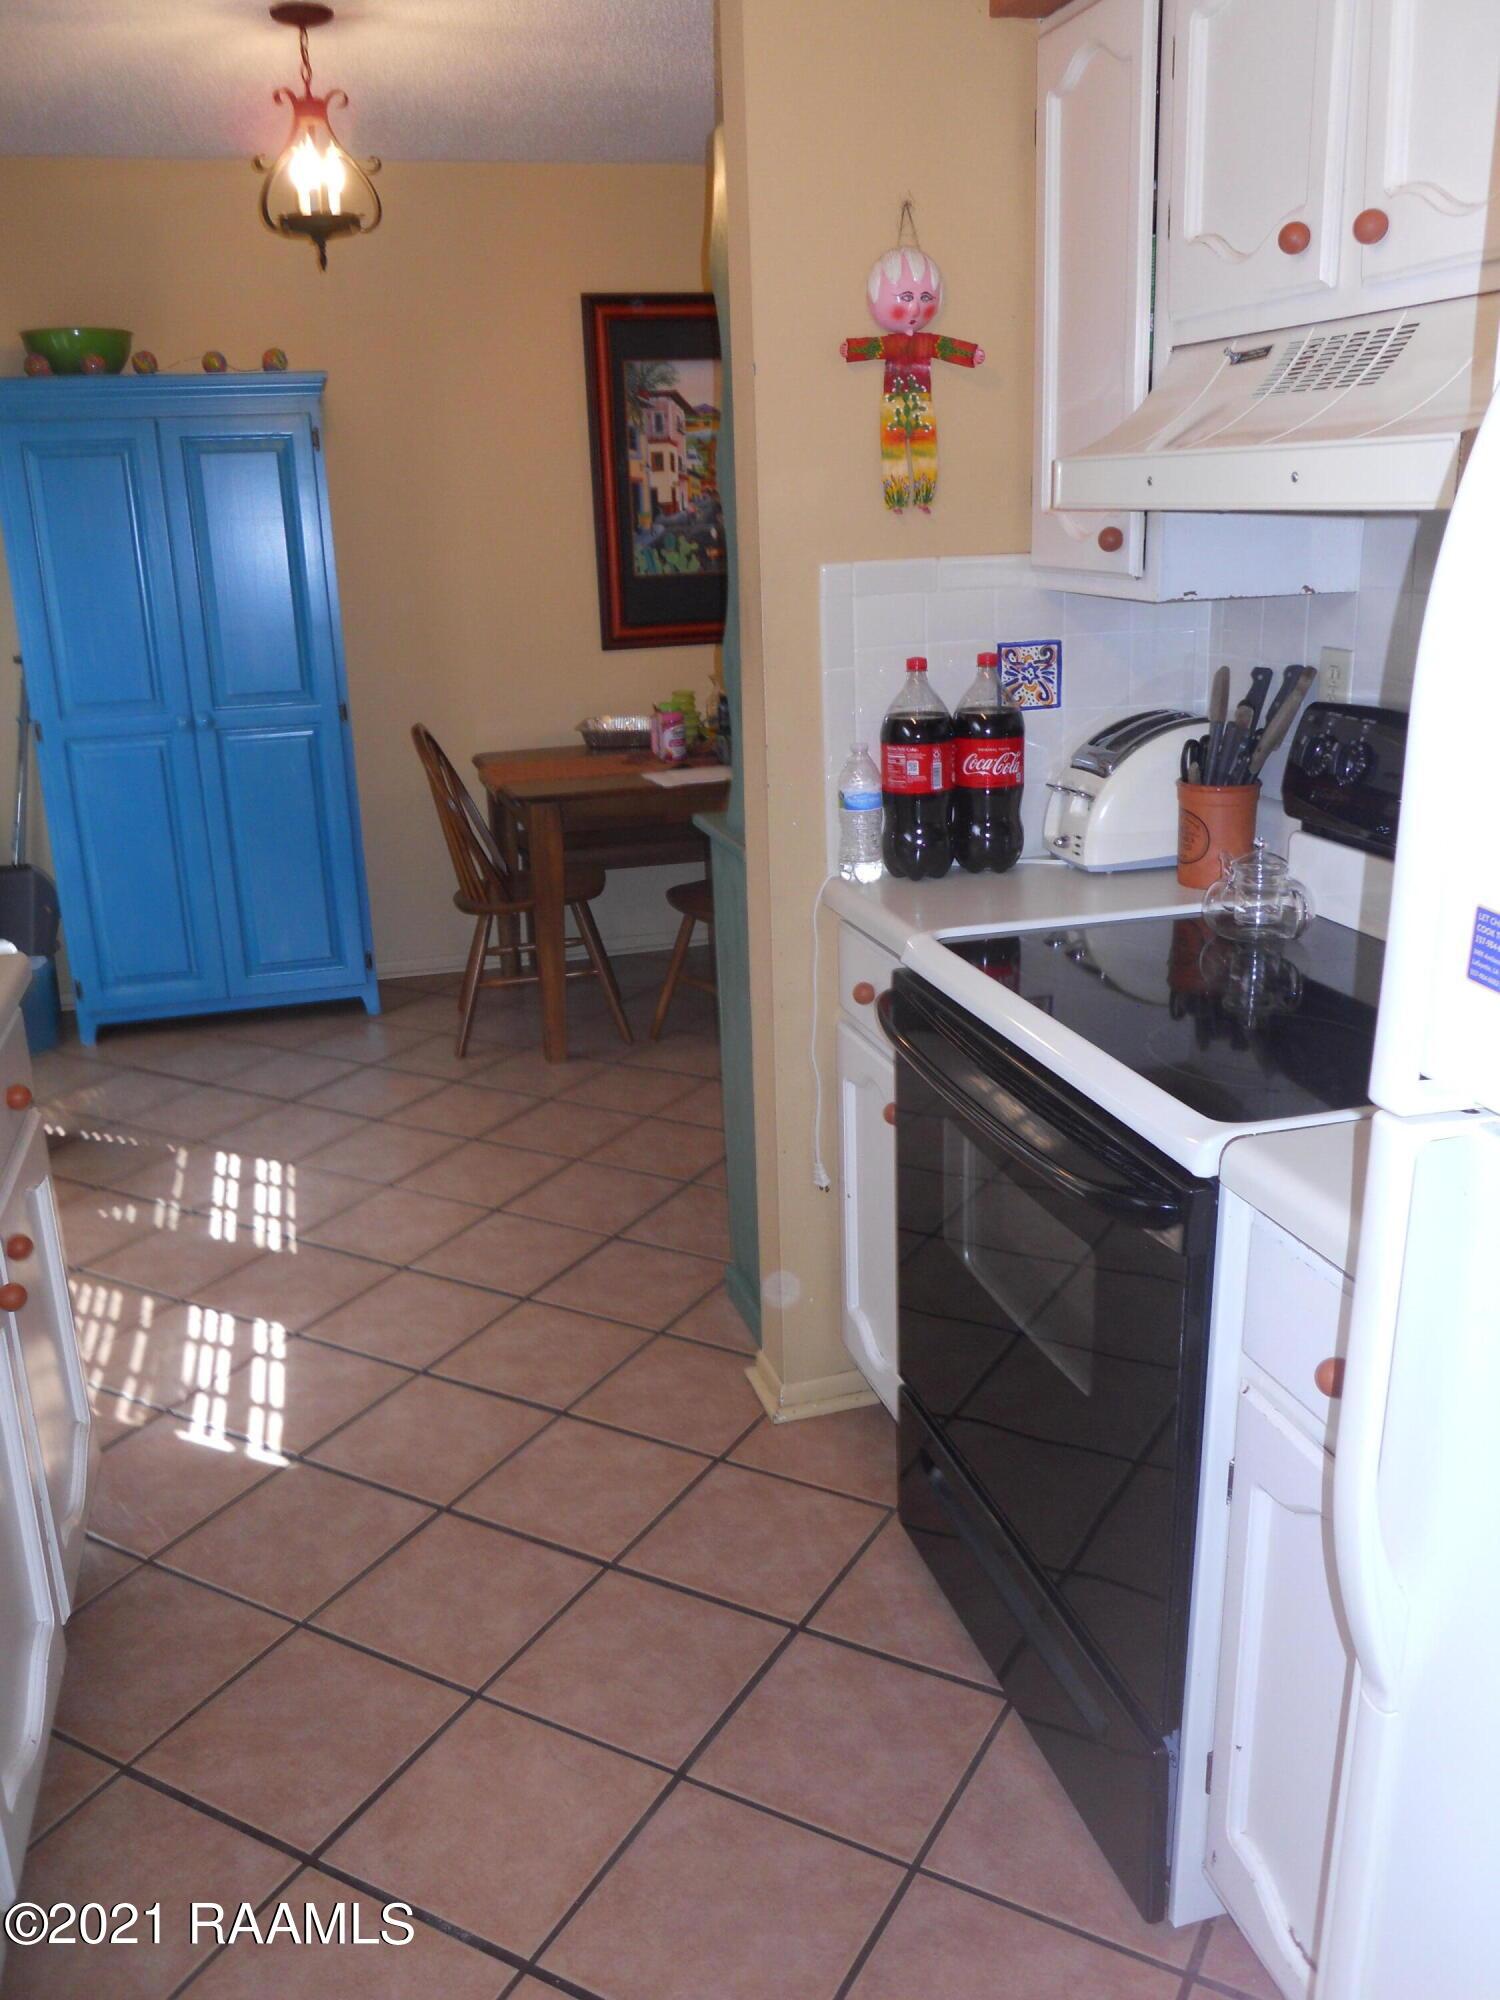 130 Mimosa Place, Lafayette, LA 70506 Photo #8